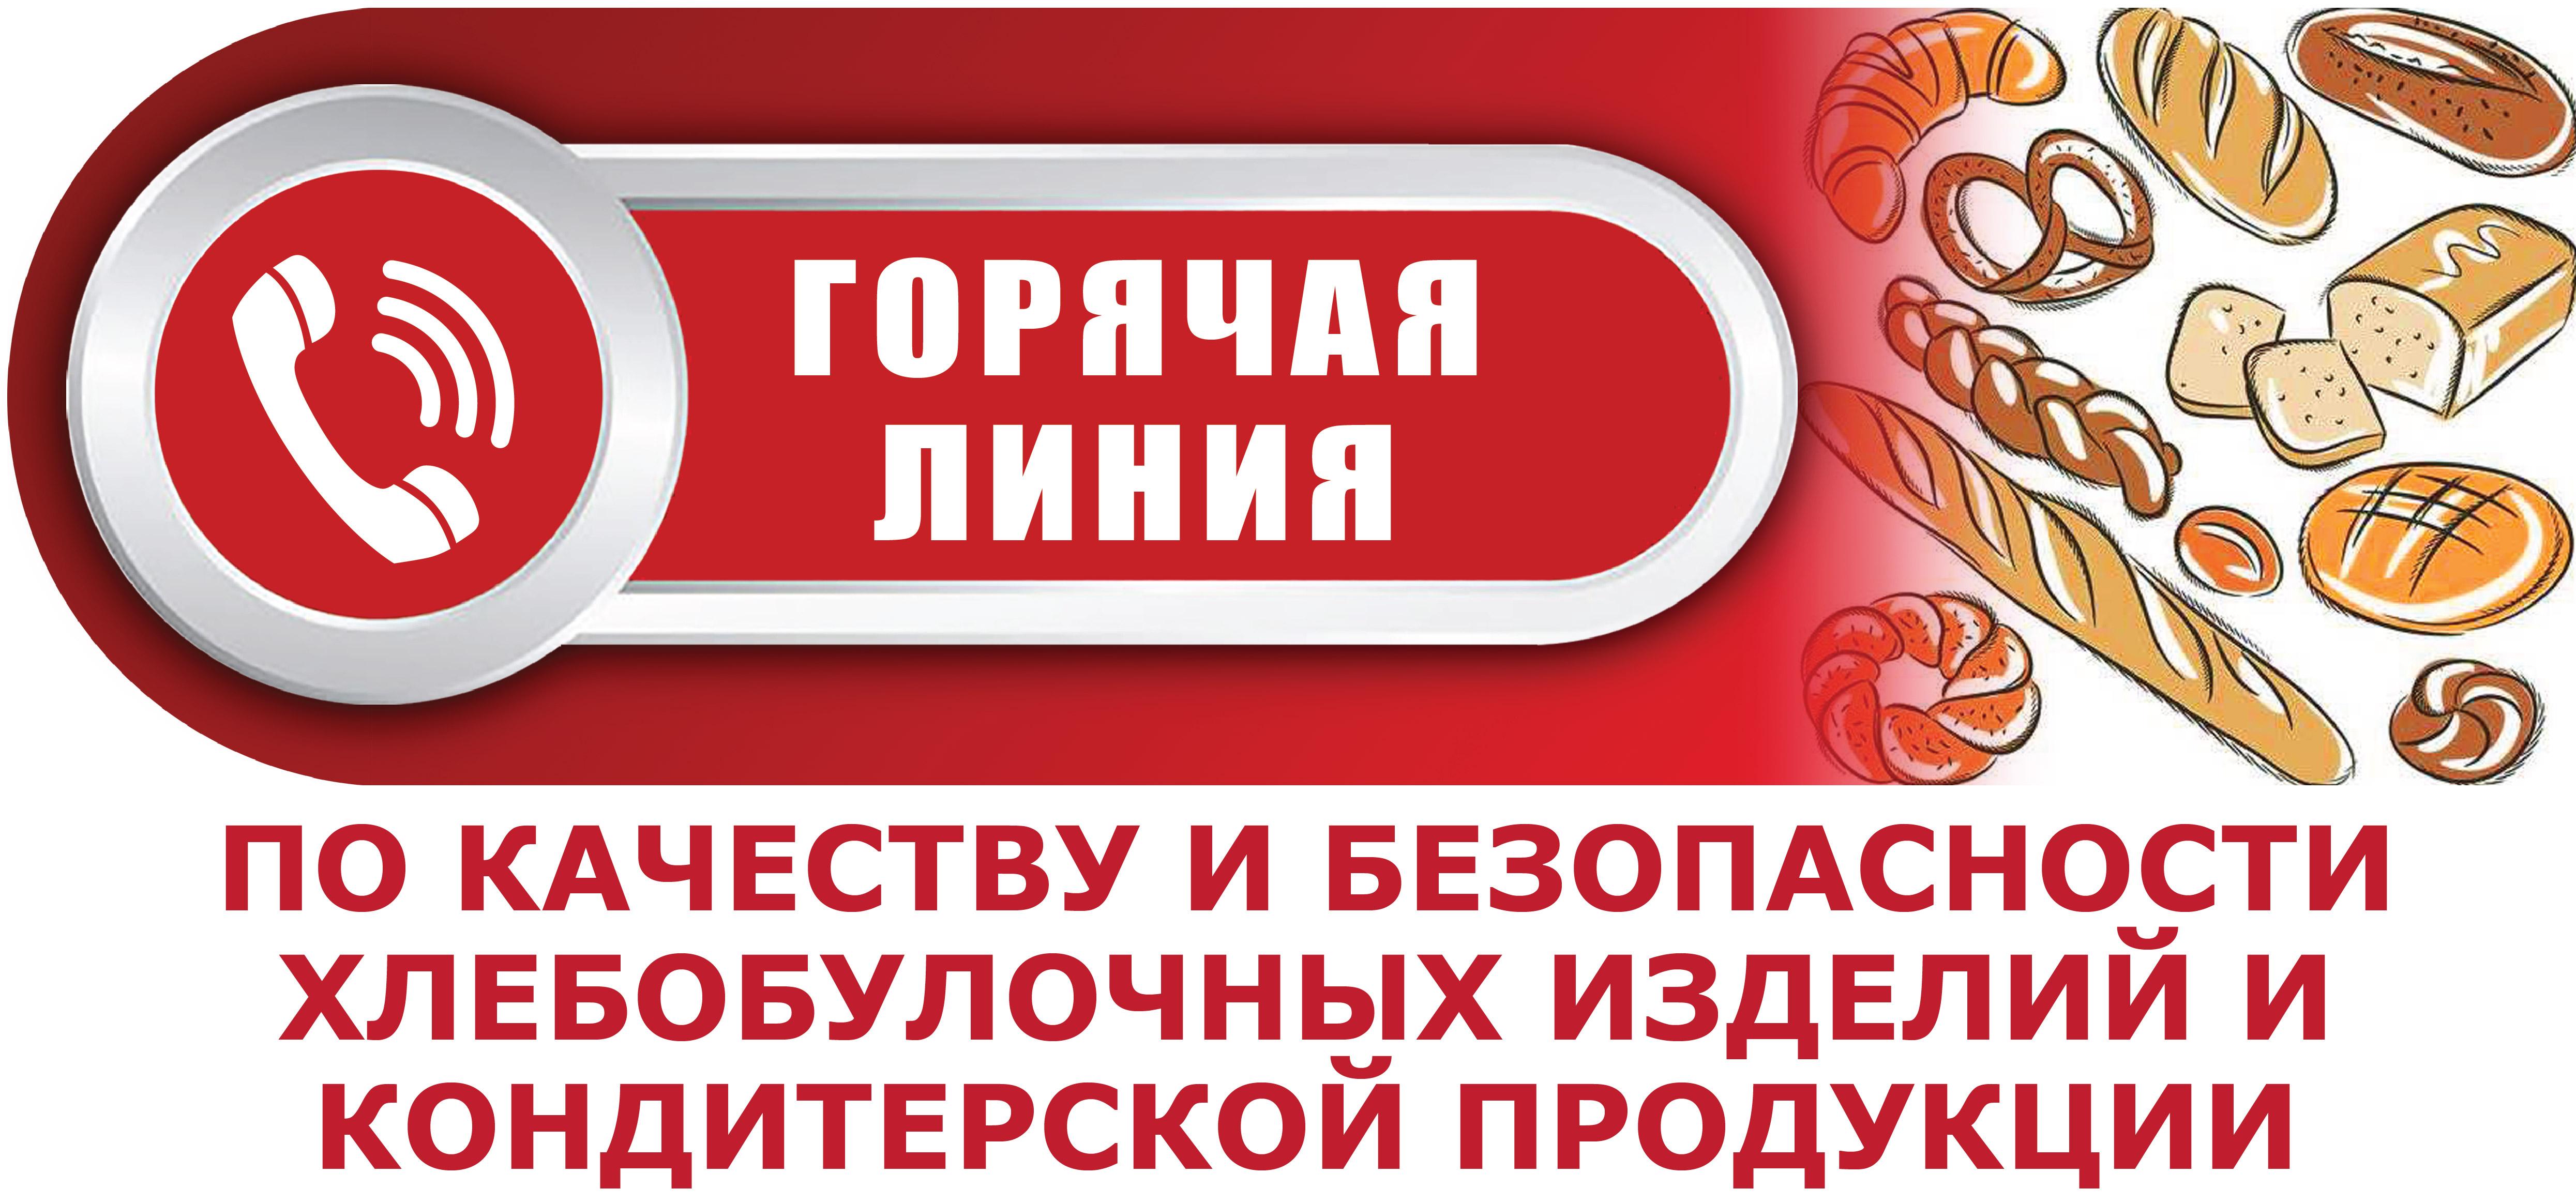 О проведении «горячей линии» по вопросам качества и безопасности хлебобулочных изделий и кондитерской продукции